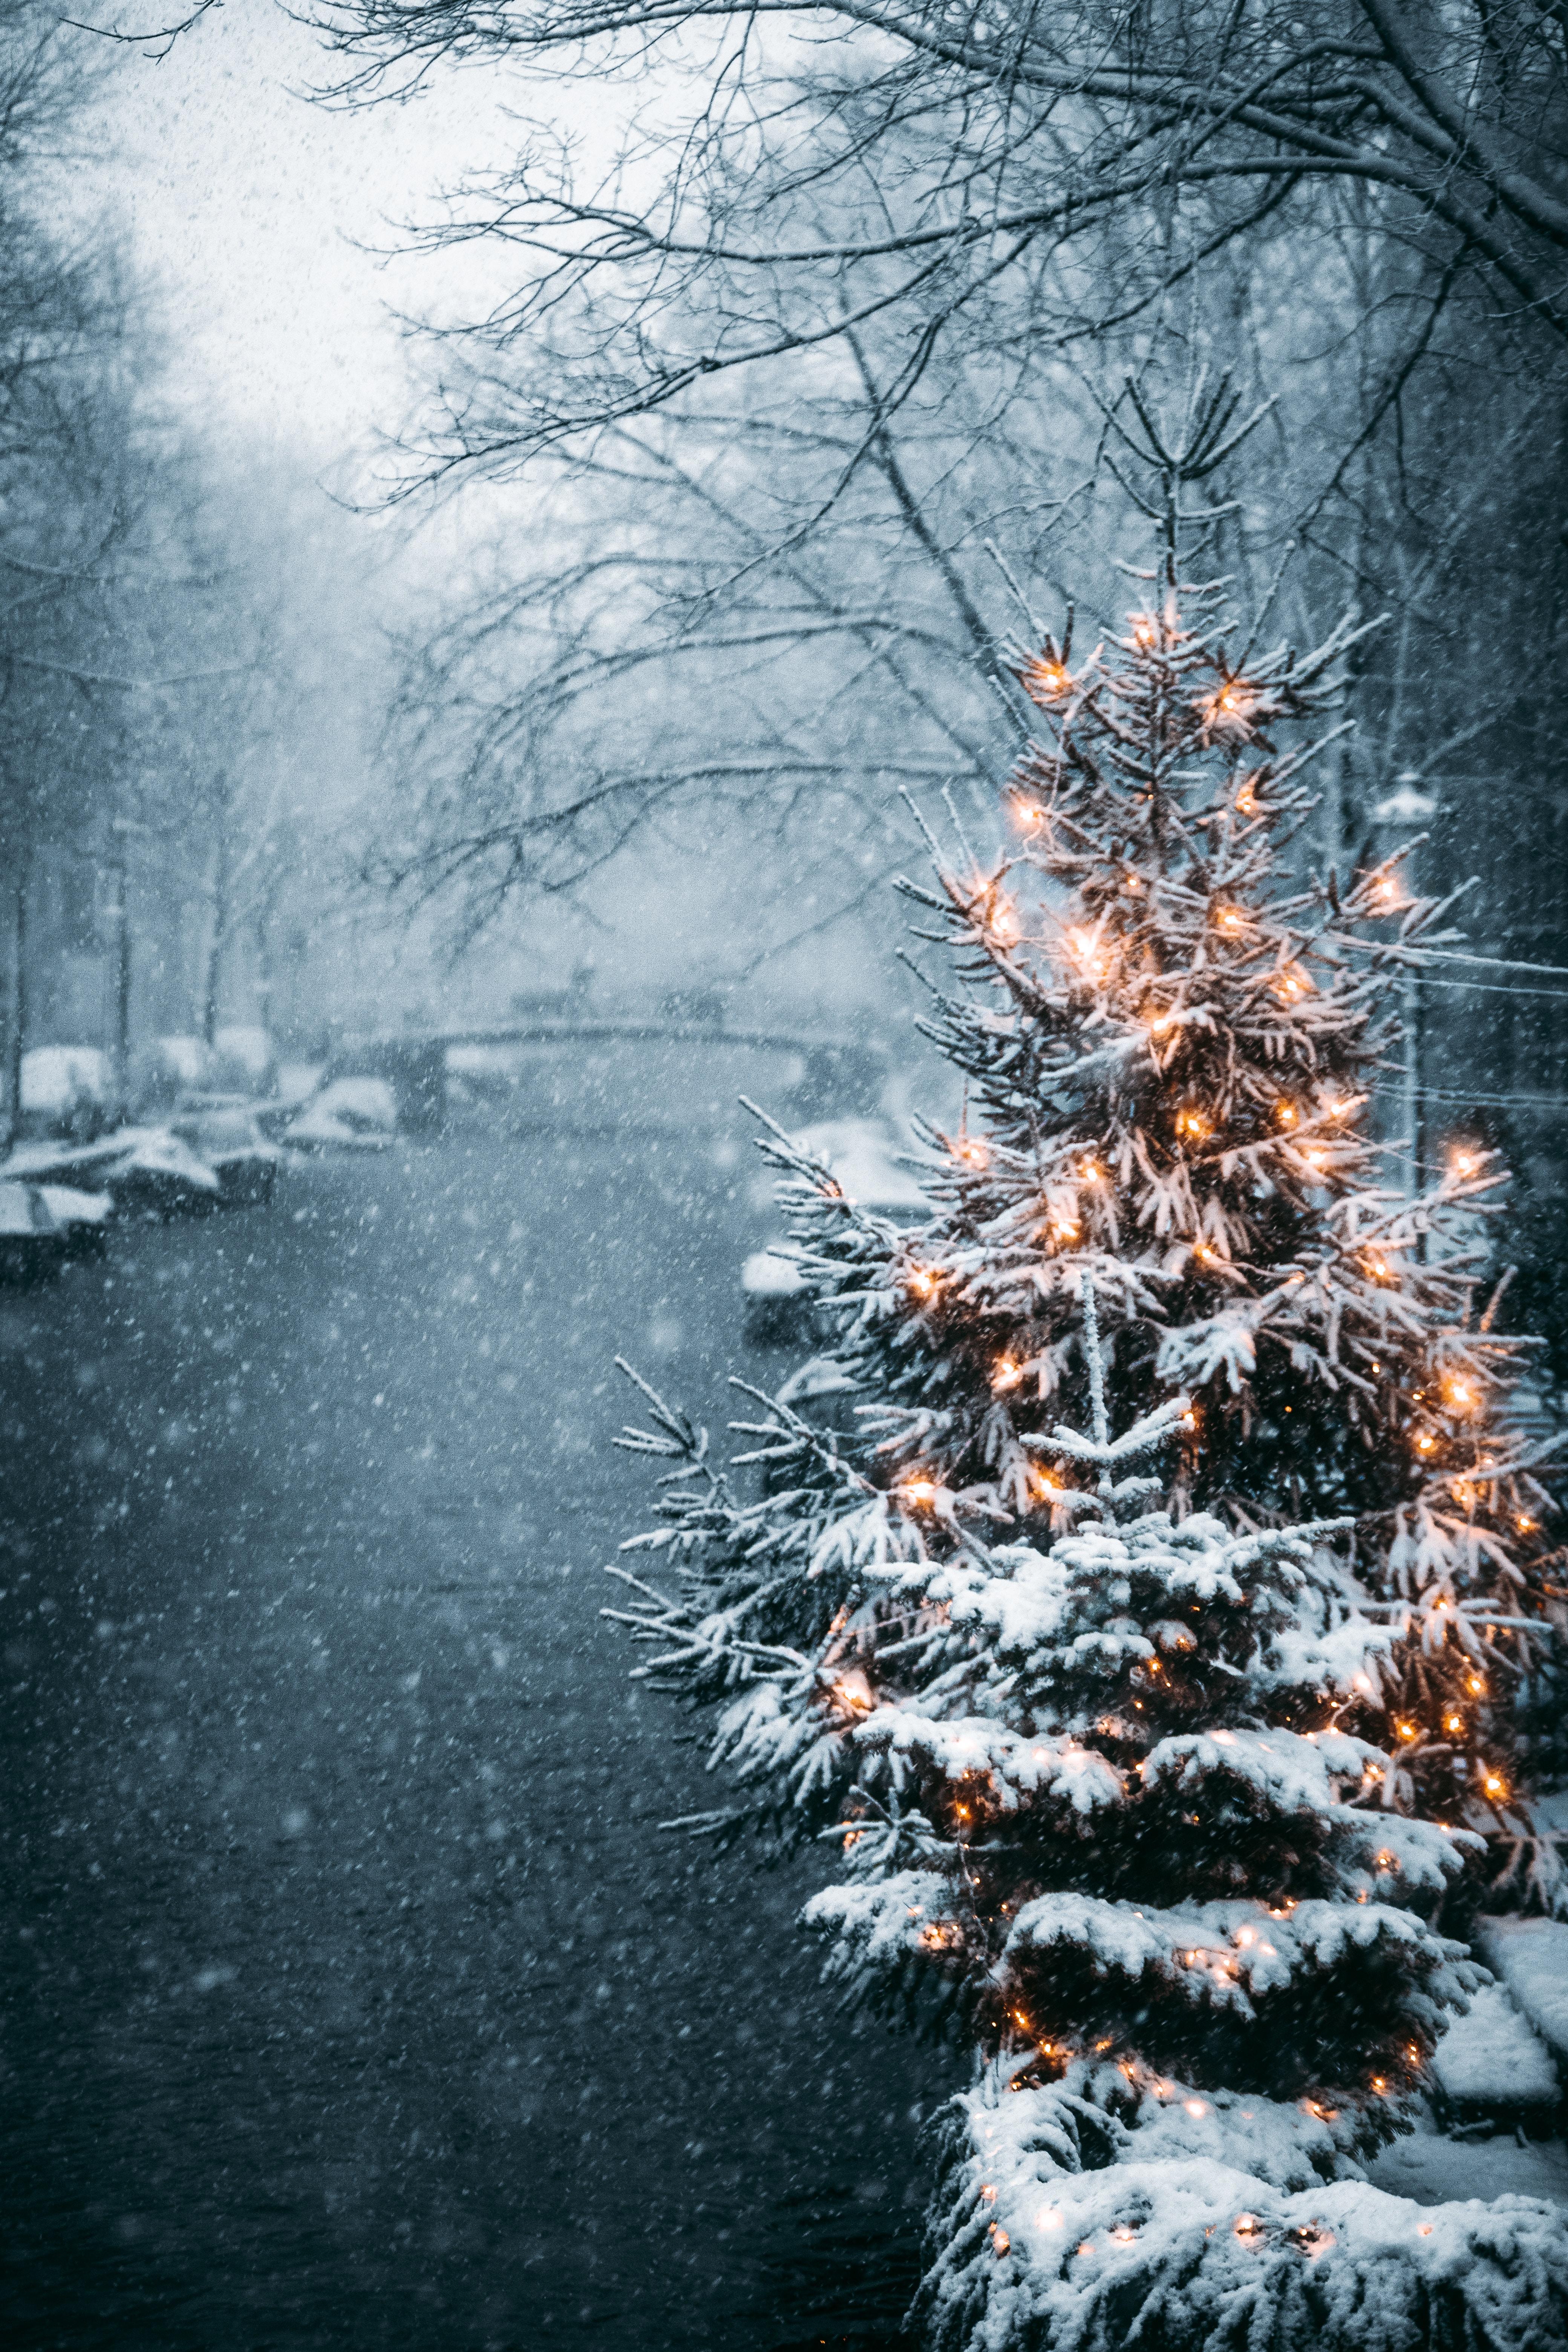 101698 Заставки и Обои Праздники на телефон. Скачать Праздники, Елка, Гирлянды, Снег, Зима, Новый Год картинки бесплатно